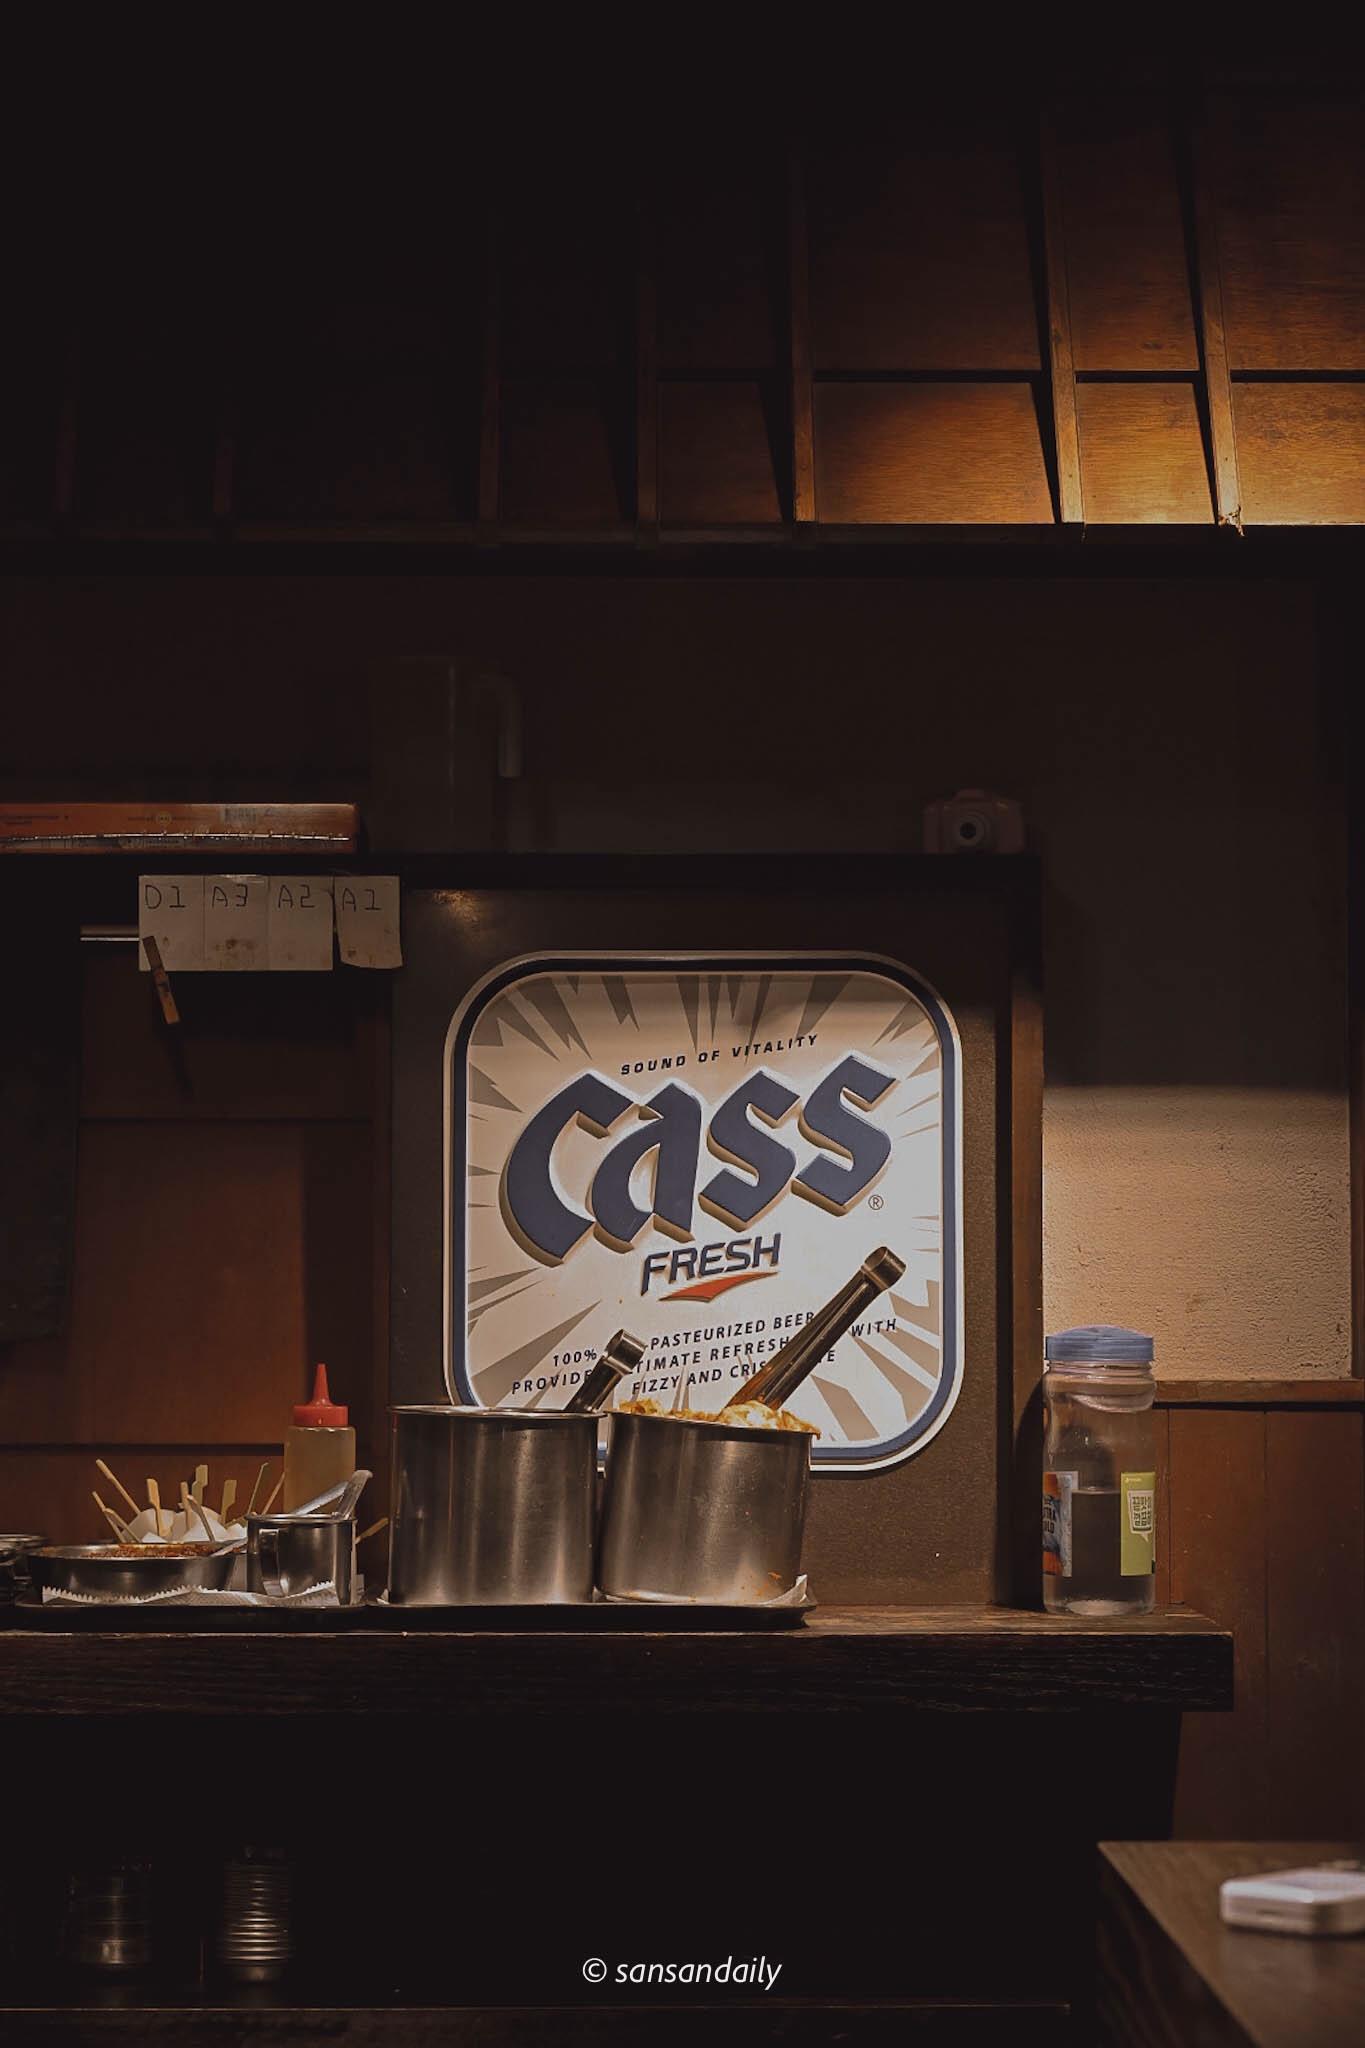 娘子韓食室內裝潢 韓國啤酒CASS酒標